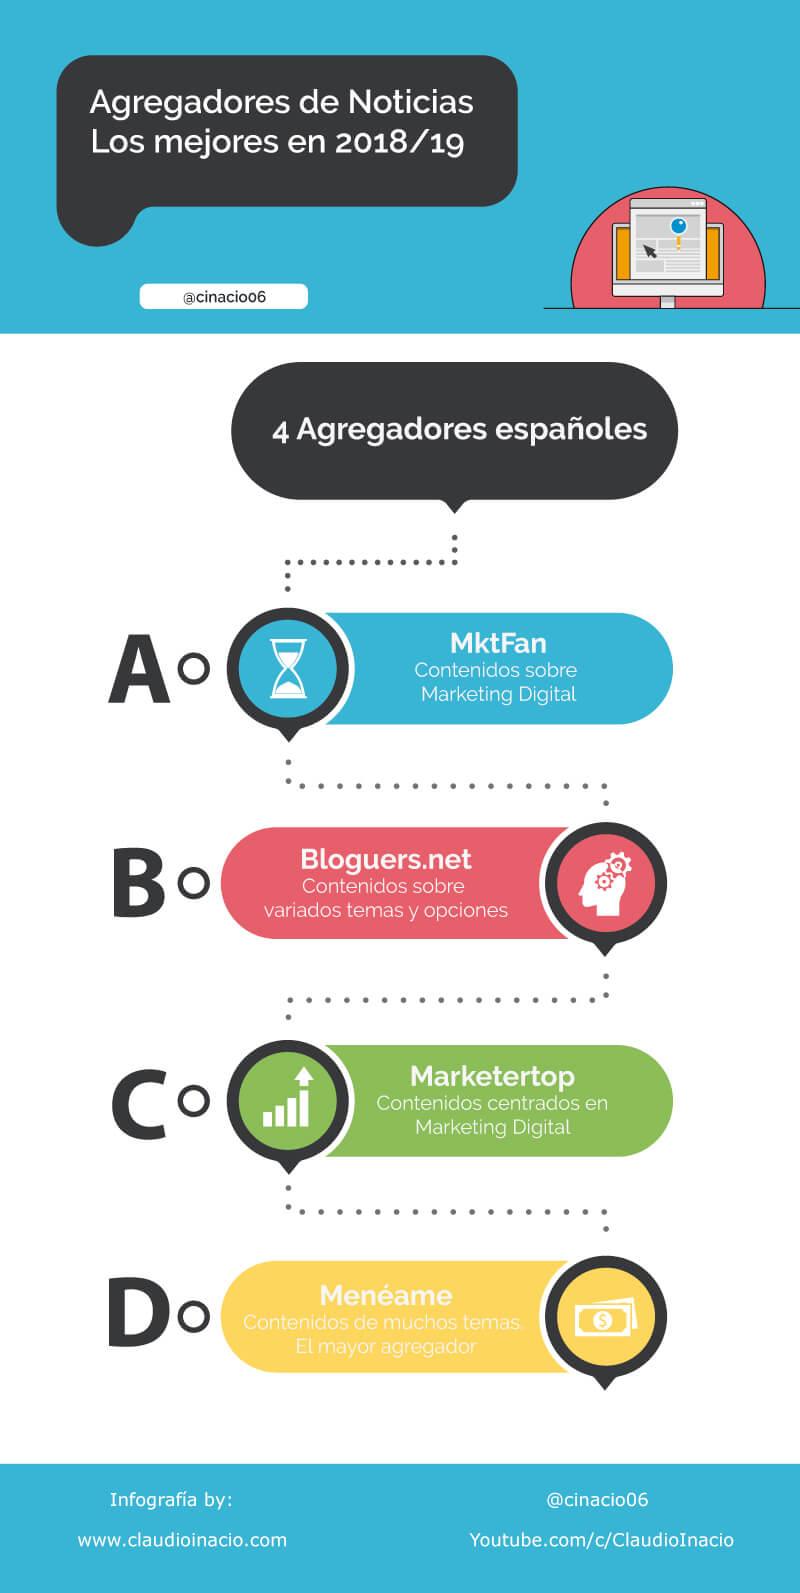 infografias con los mejores agregadores de noticias 2018 en español